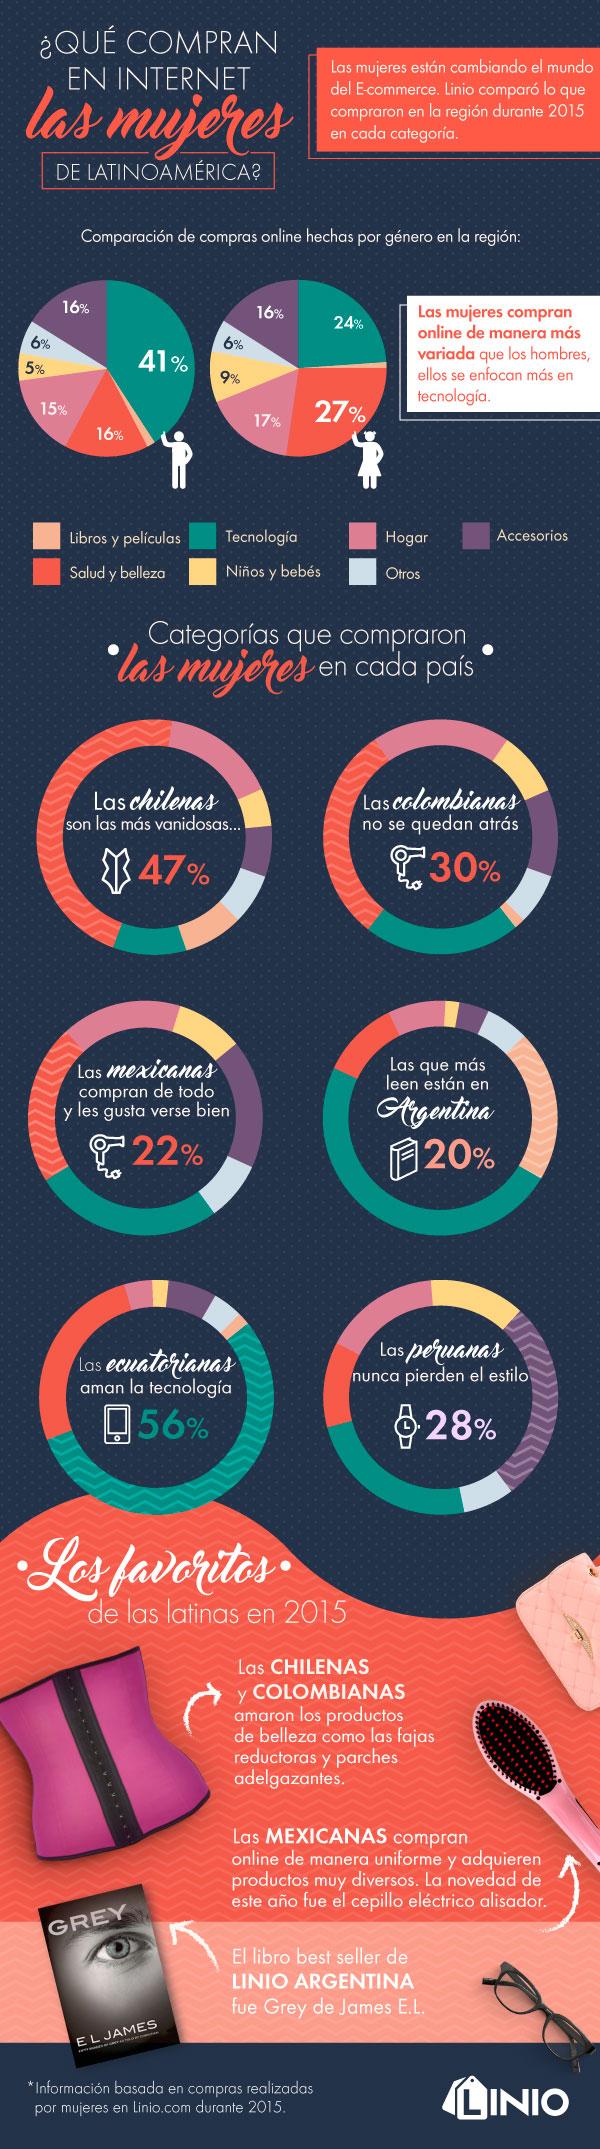 Cómo compran las mujeres online en Latinoamérica